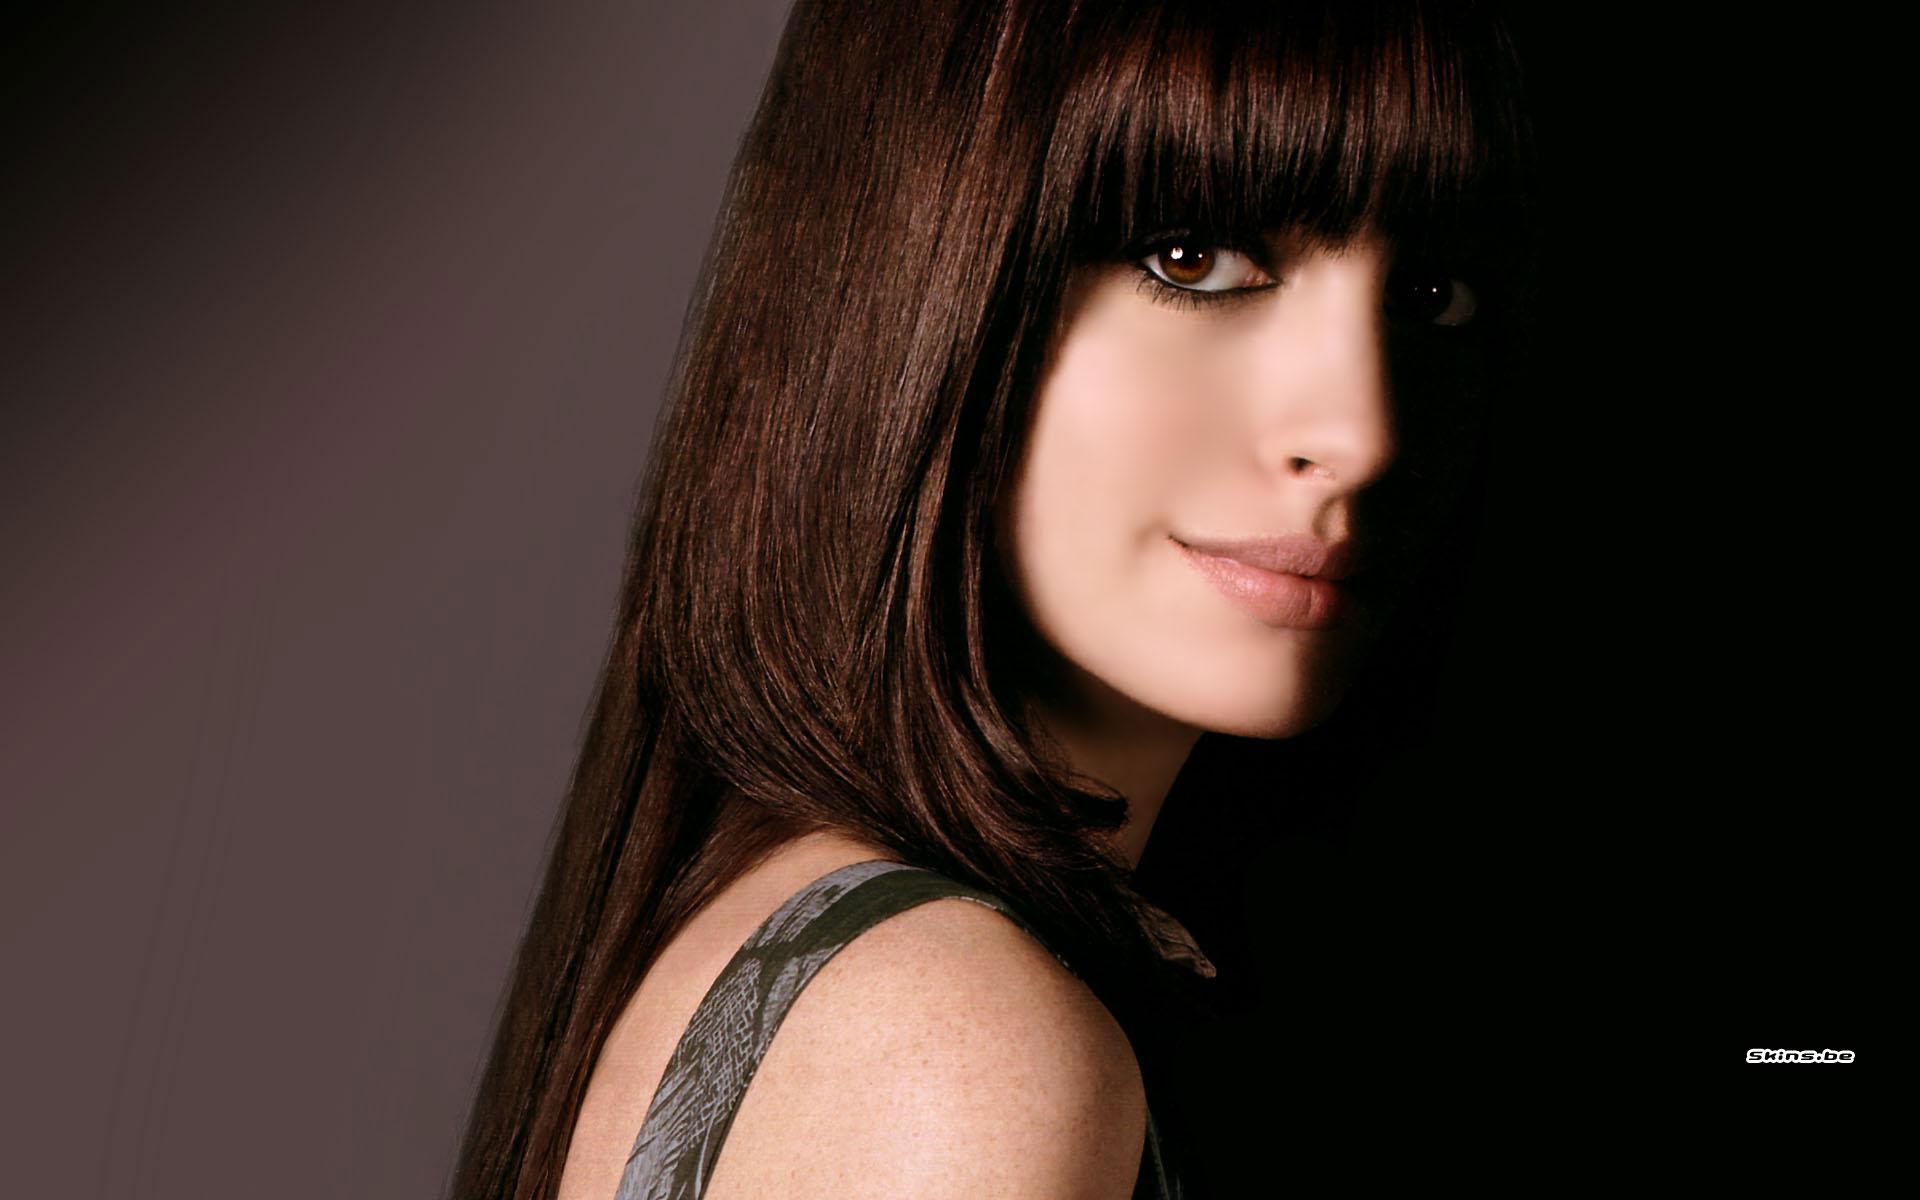 Anne Hathaway 2013 - 1920x1200